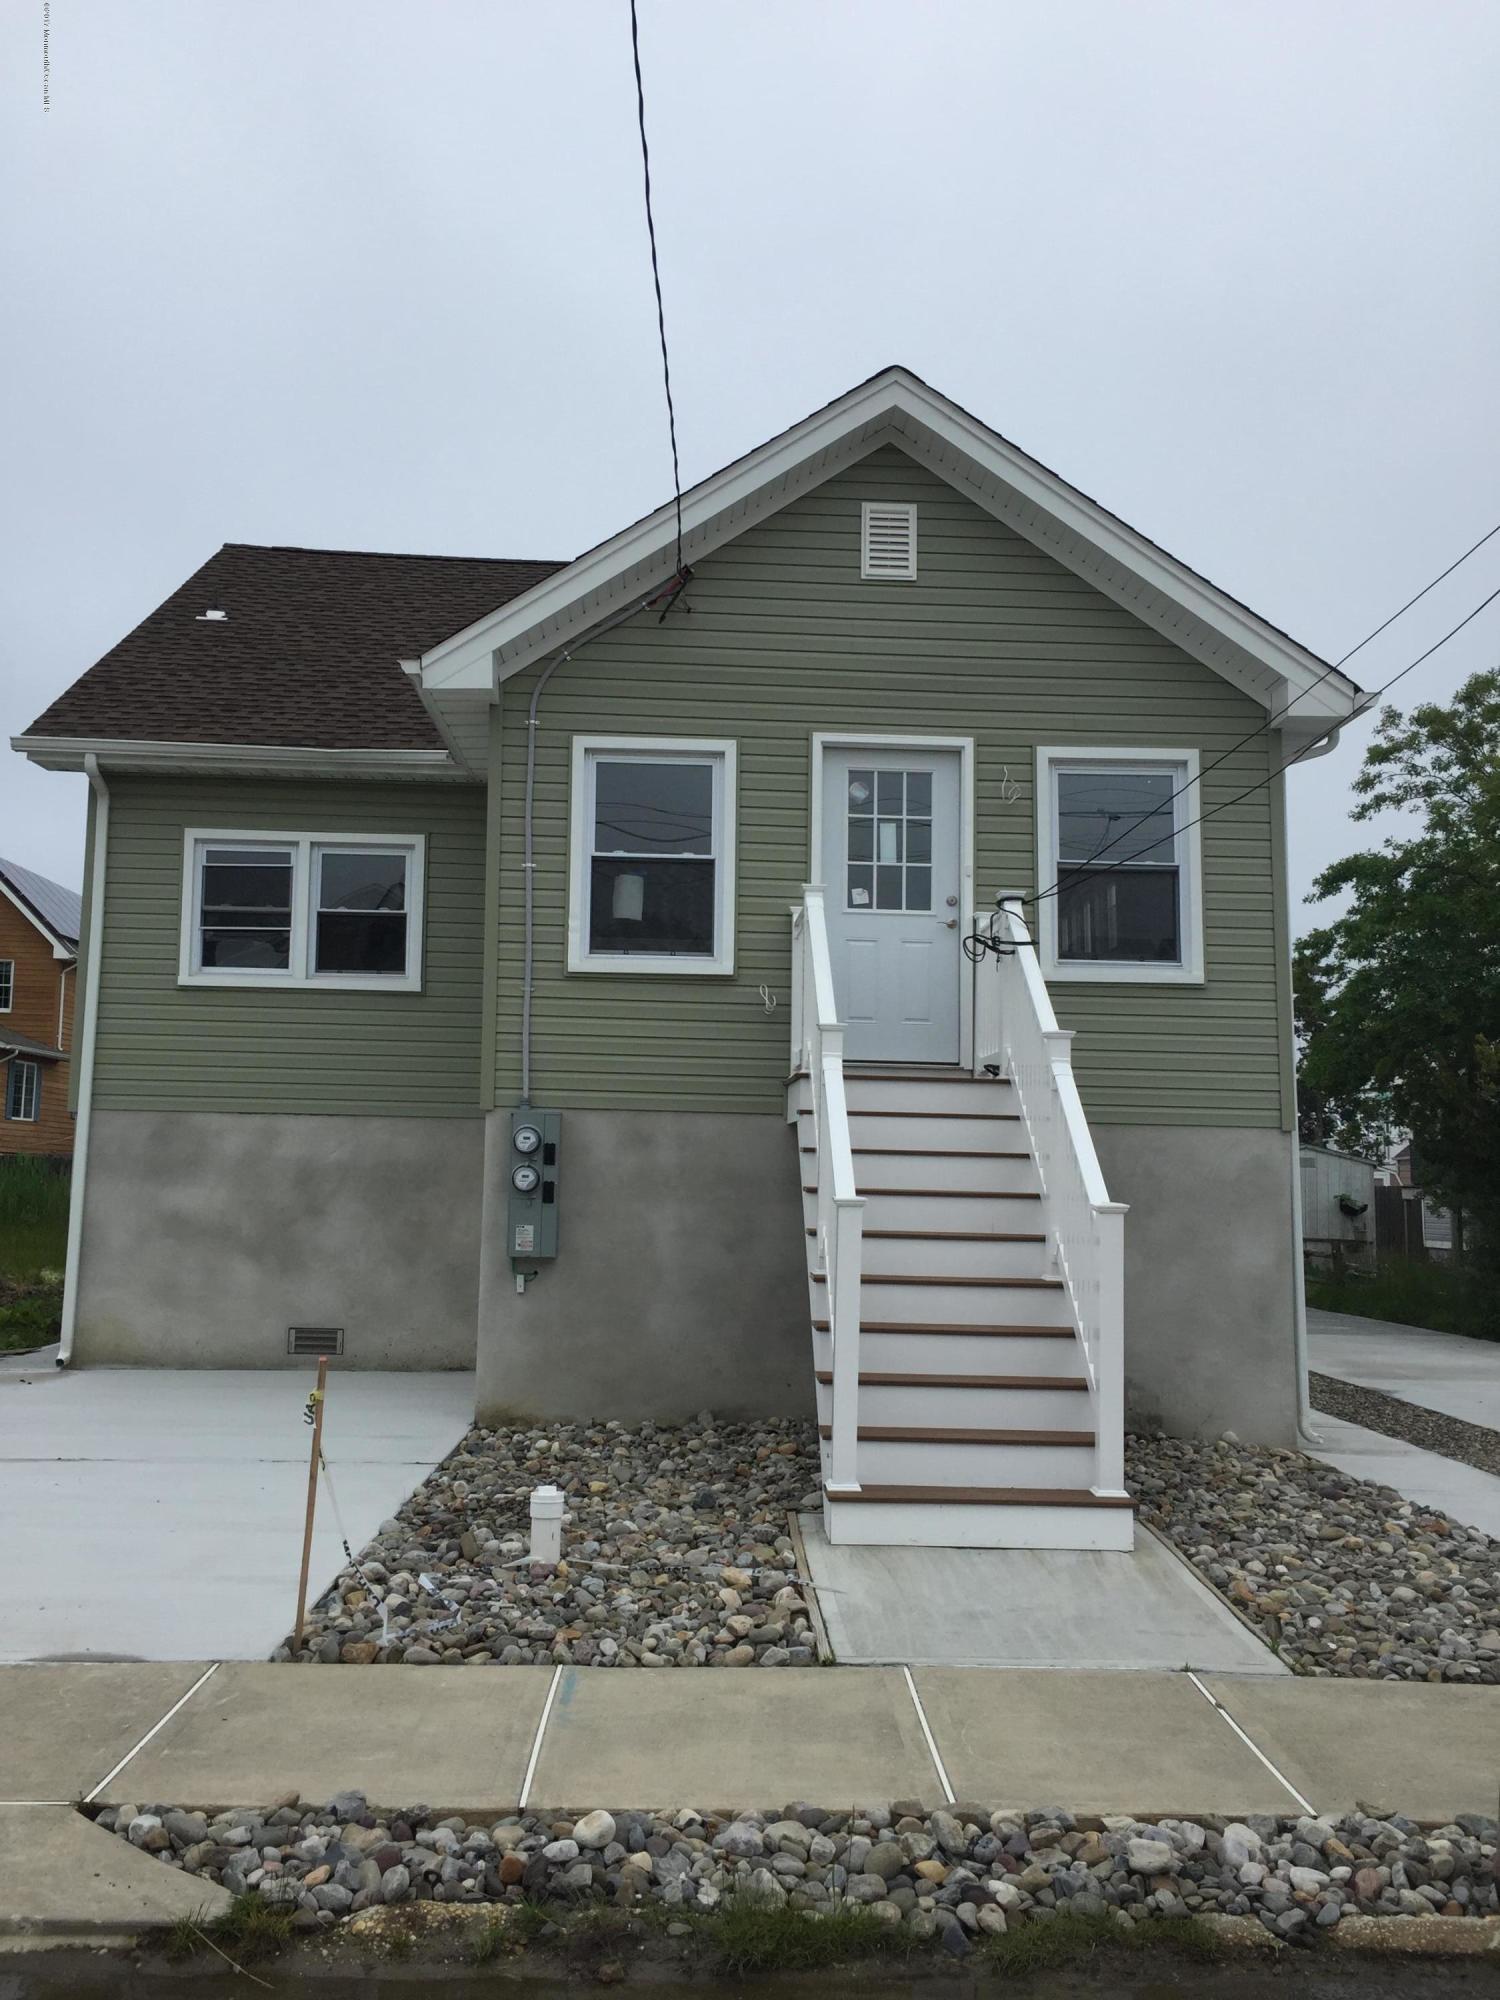 独户住宅 为 出租 在 10 Pershing Avenue Manasquan, 新泽西州 08736 美国